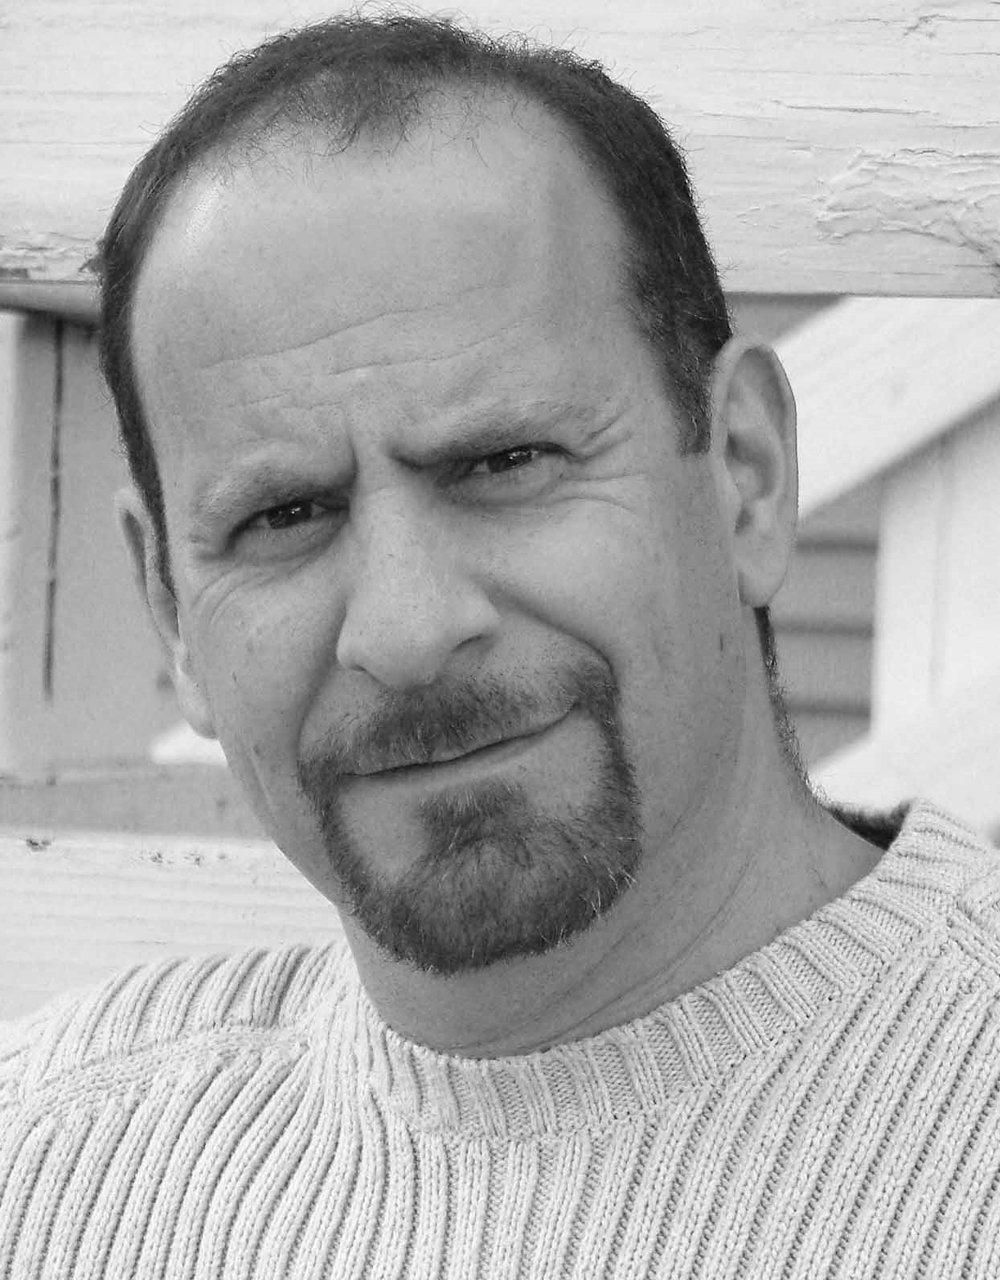 David LaPlaca